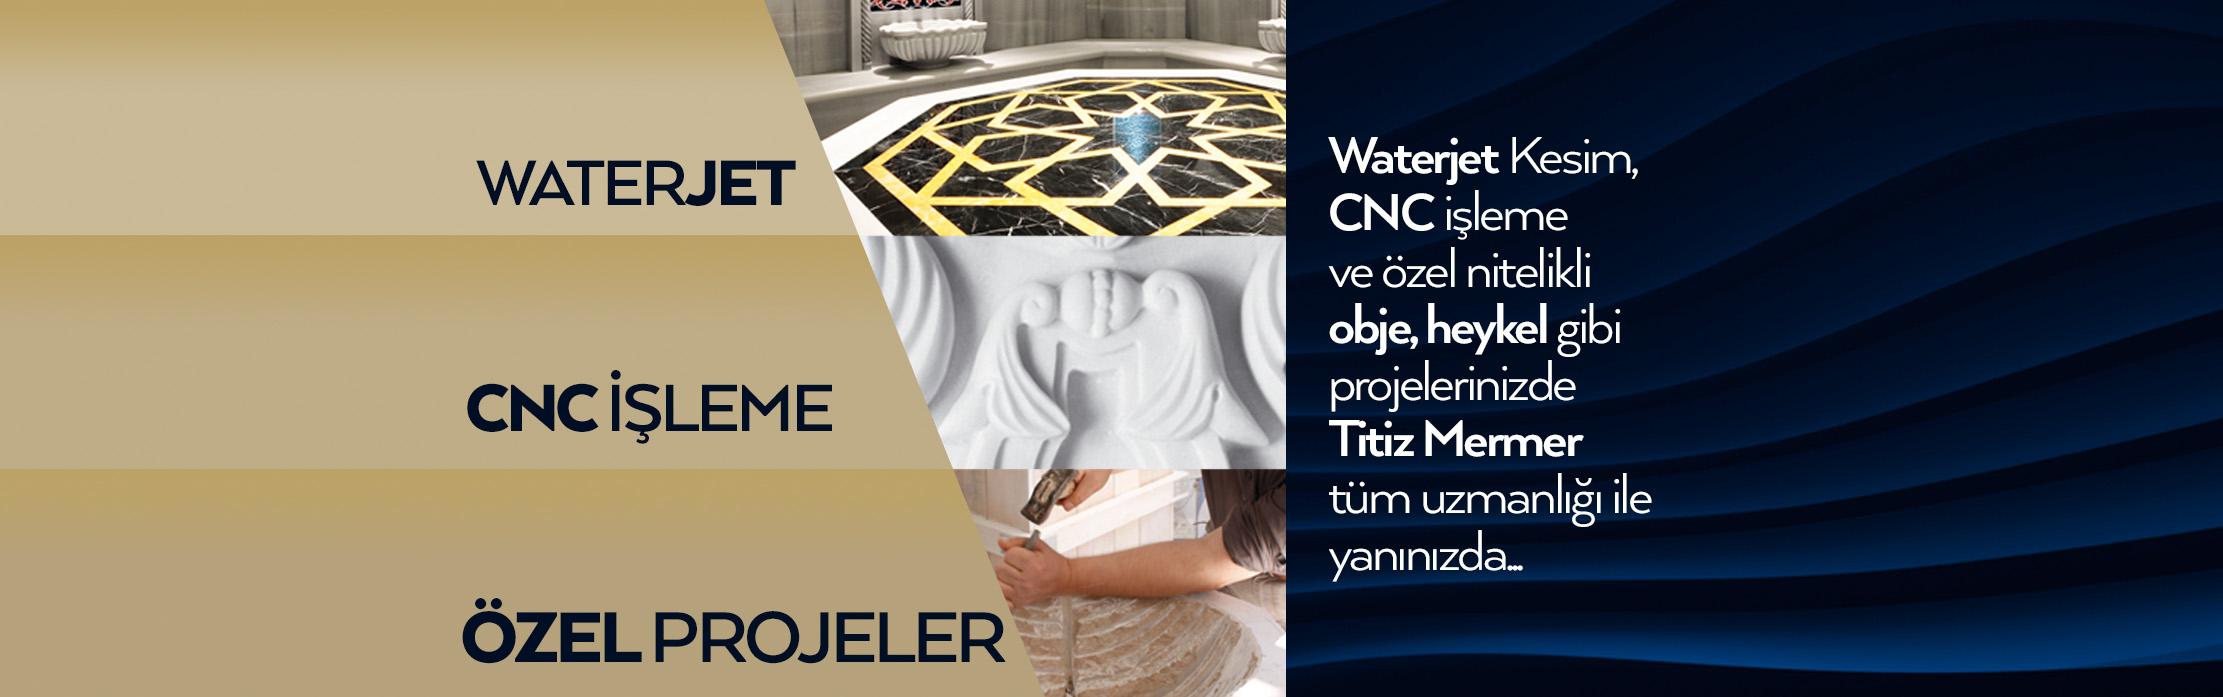 Titiz Mermer CNC